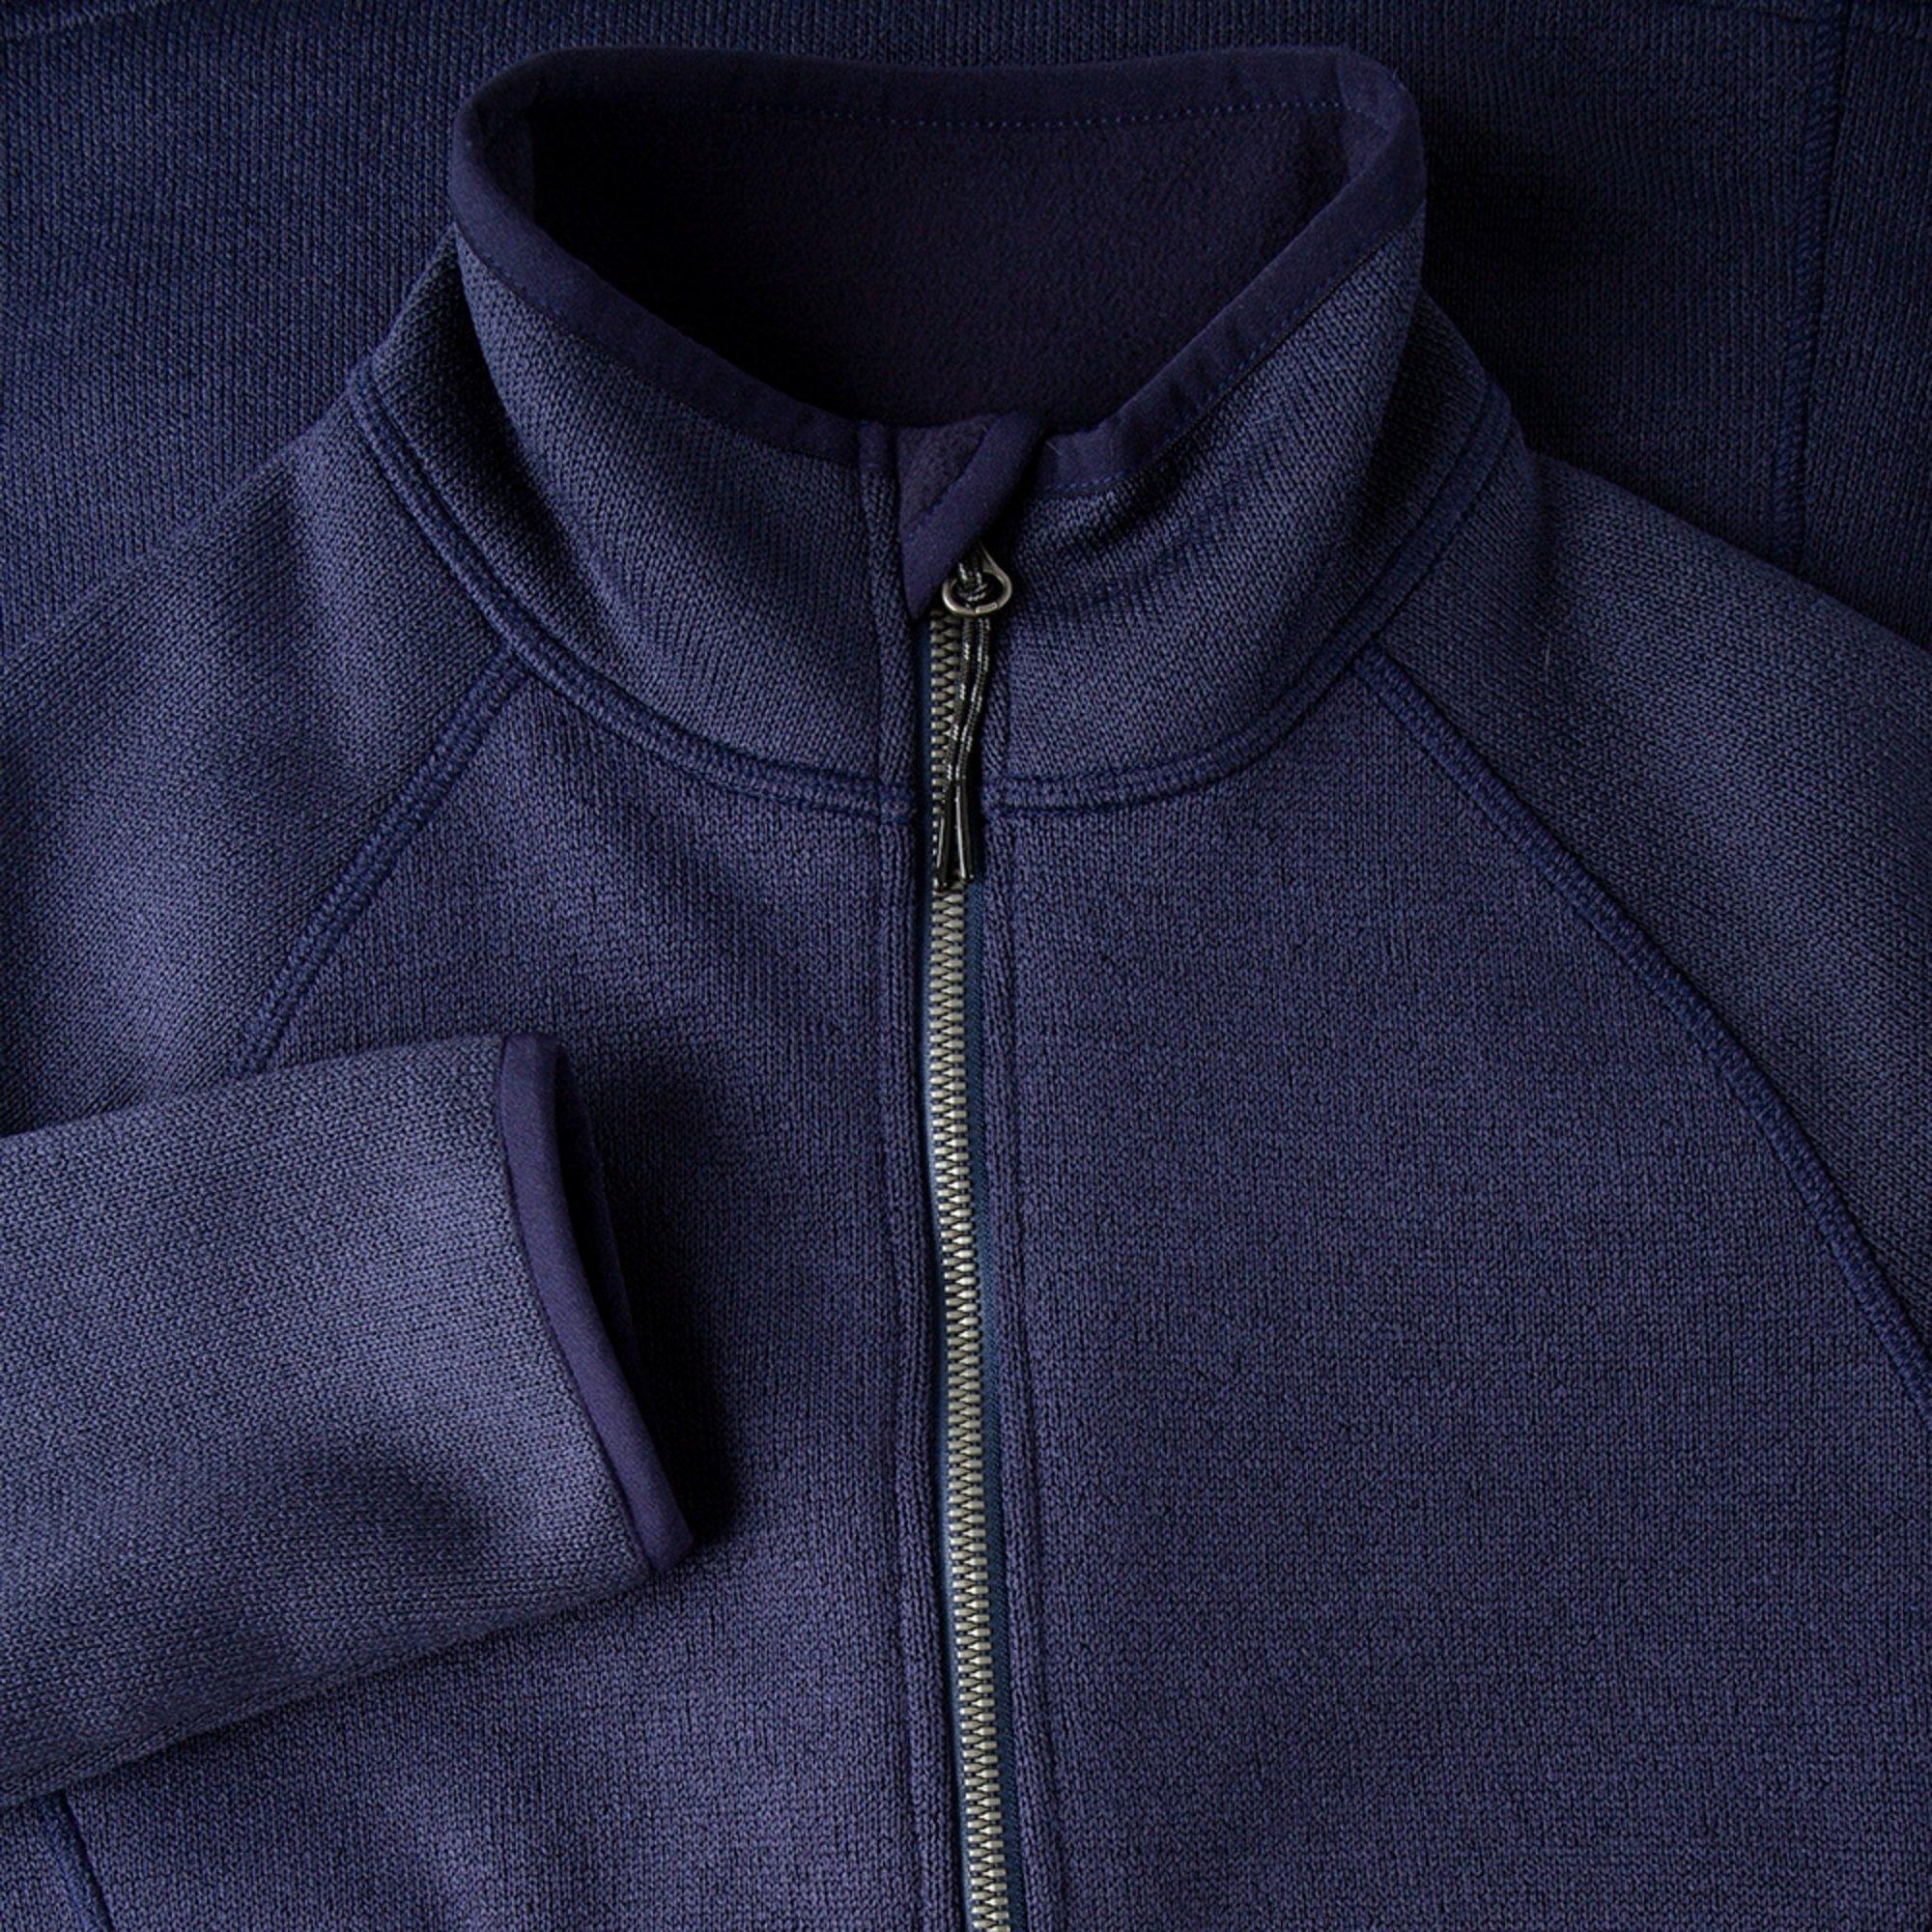 Women's Knit Fleece Jacket - 1493W-NAV06-4.jpg